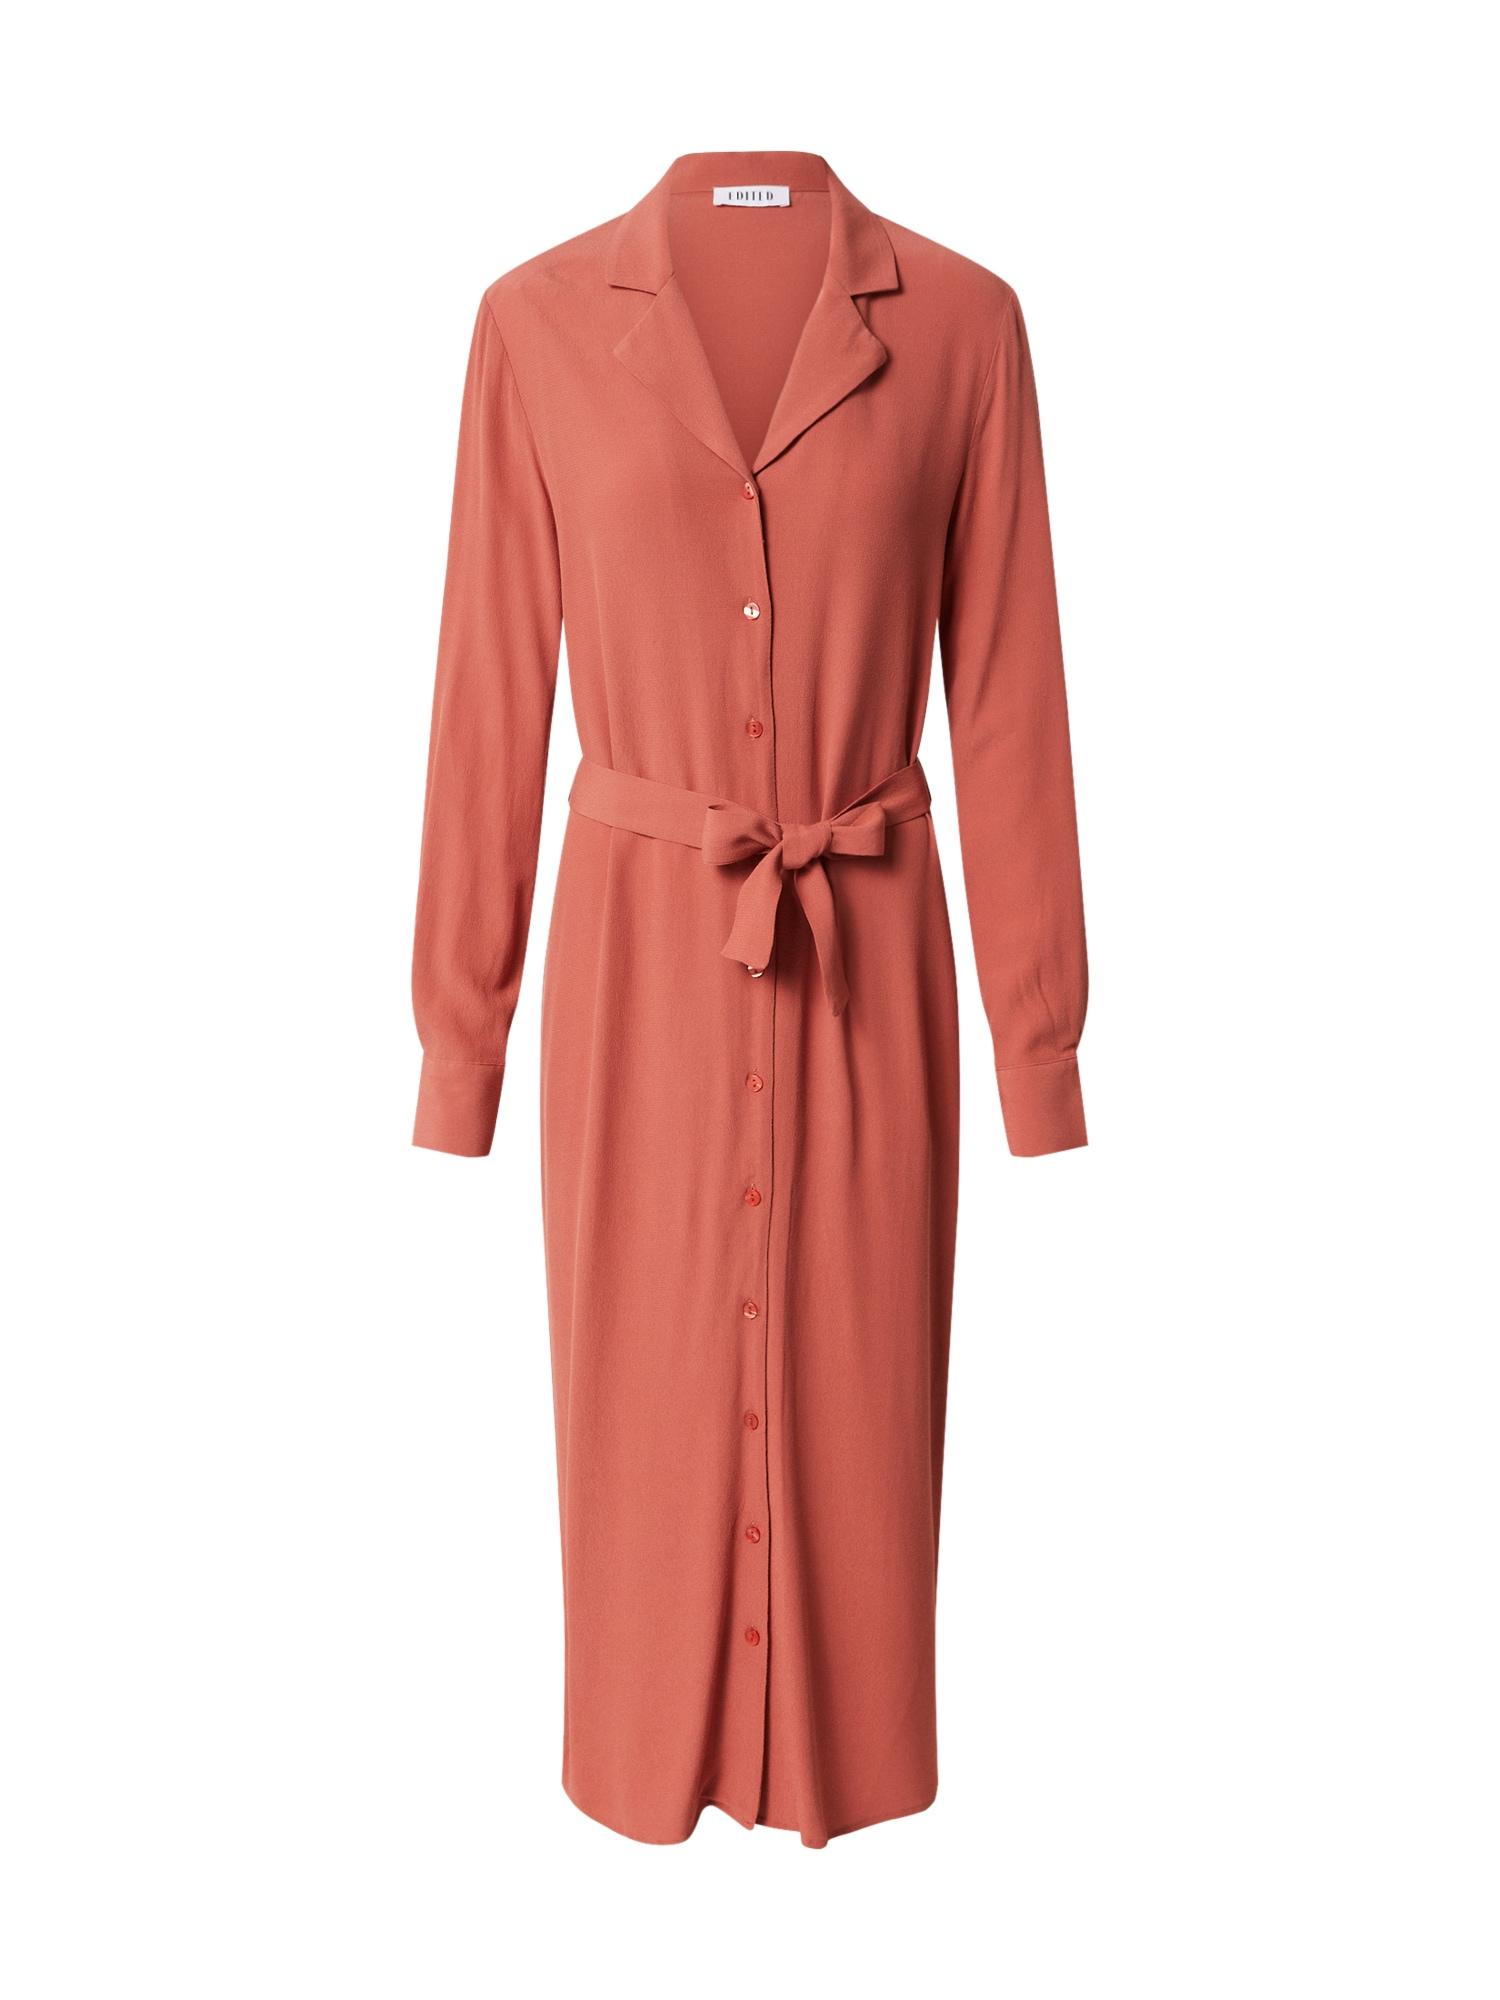 EDITED Palaidinės tipo suknelė 'Christin' oranžinė-raudona